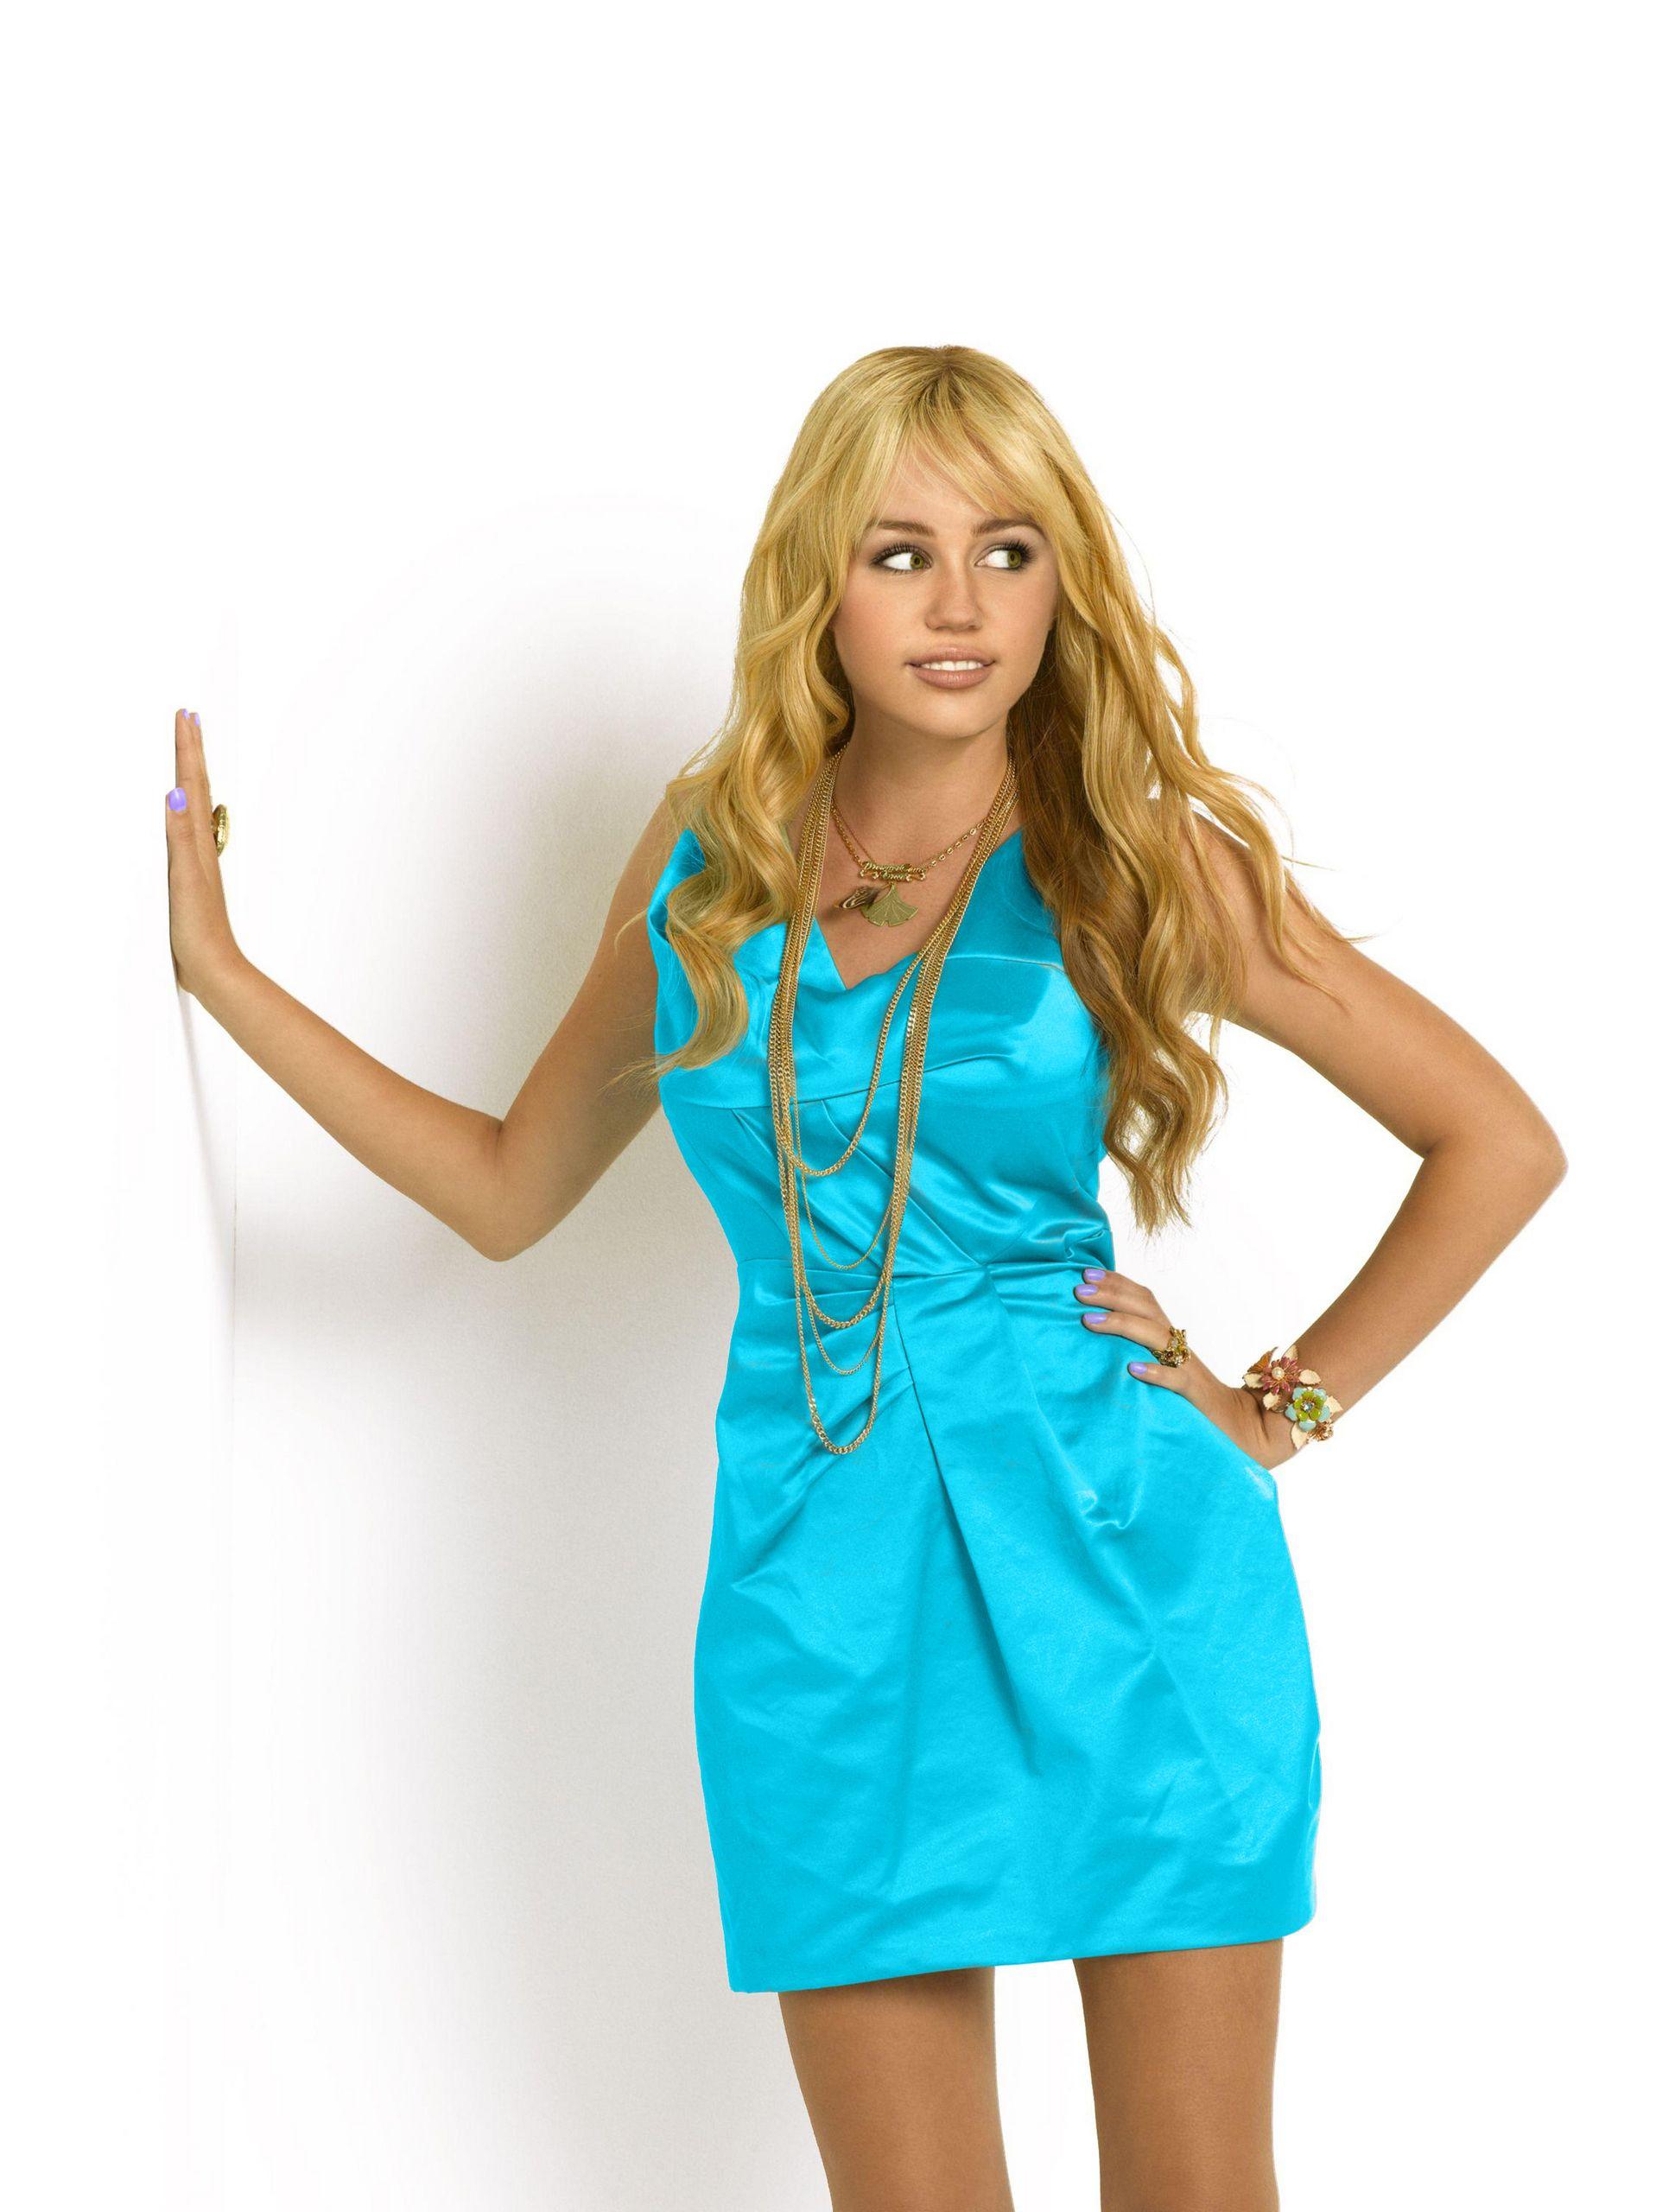 Miley Cyrus #hannahmontana